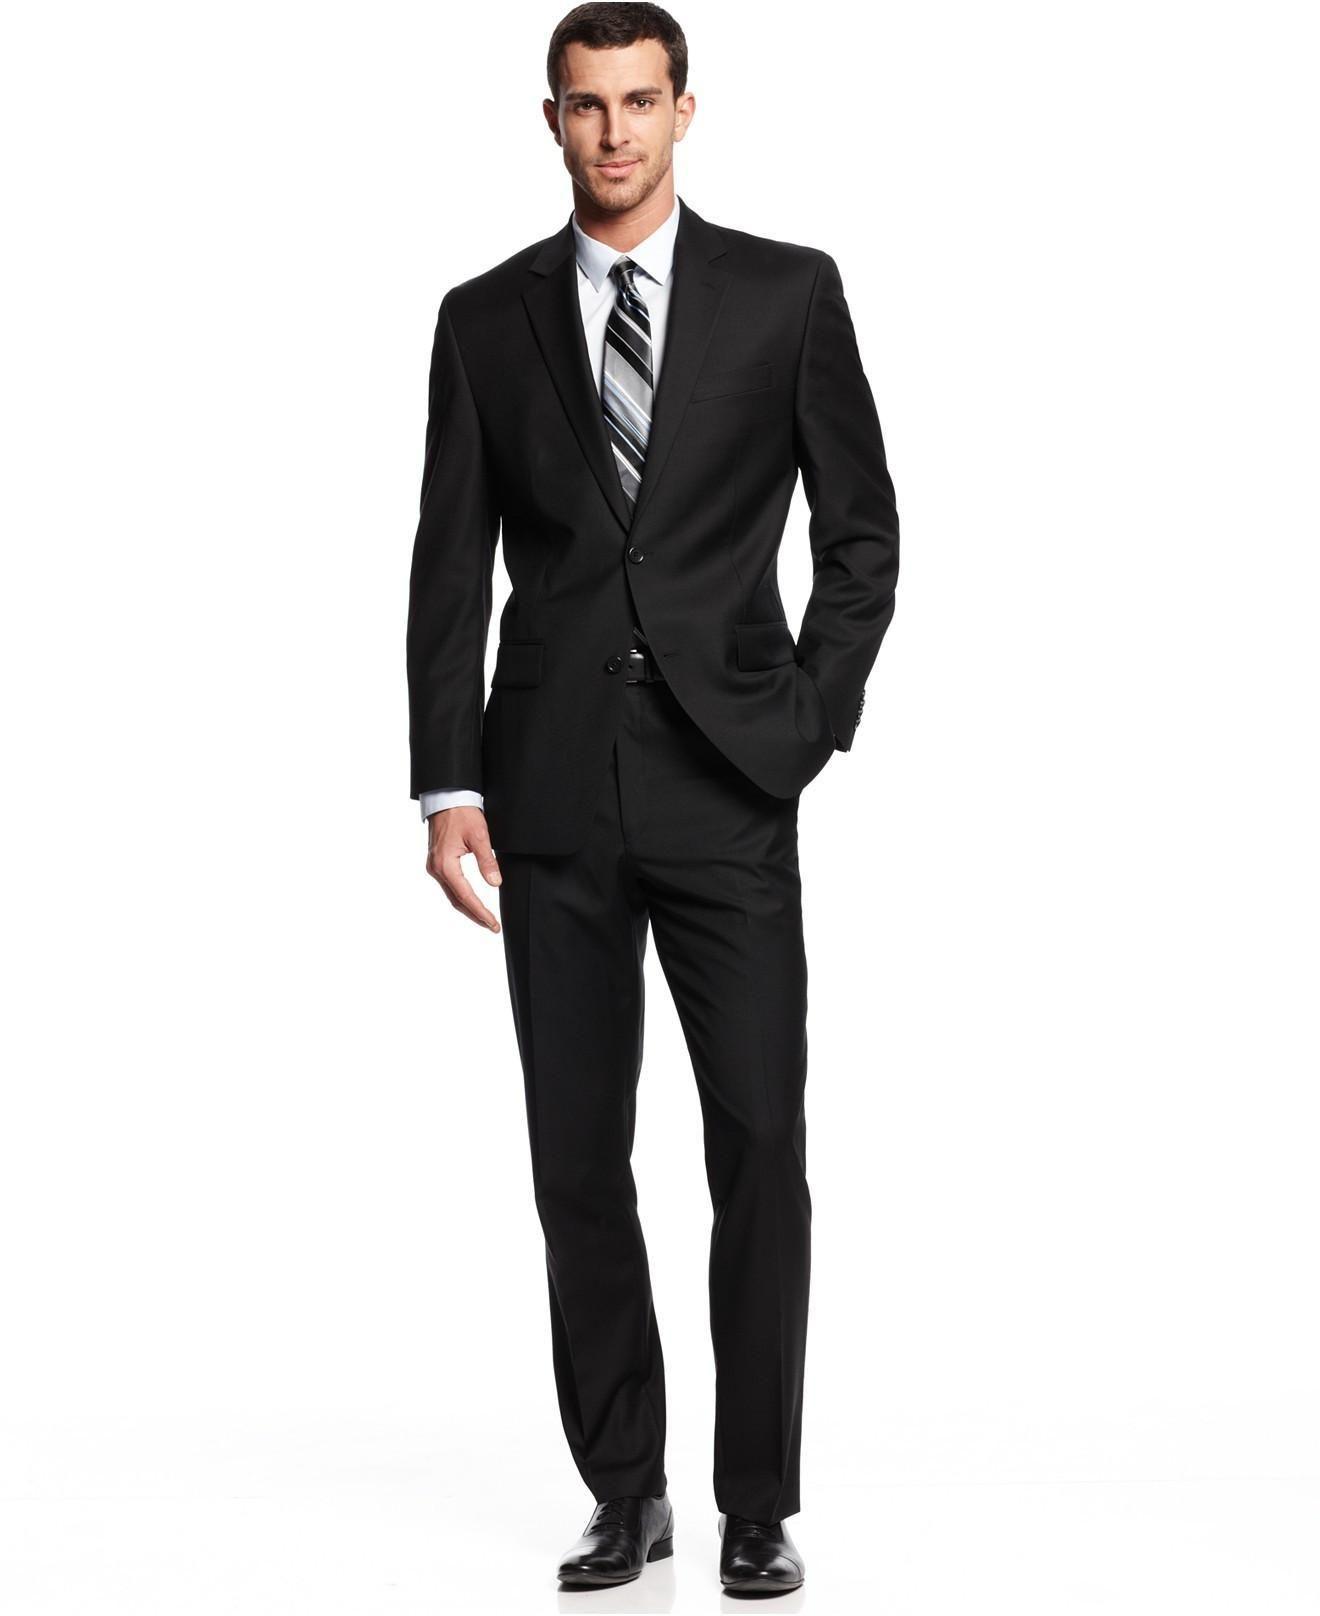 Latest Two Piece Suit Men Black Suit Design Custom Suits The Groom ...